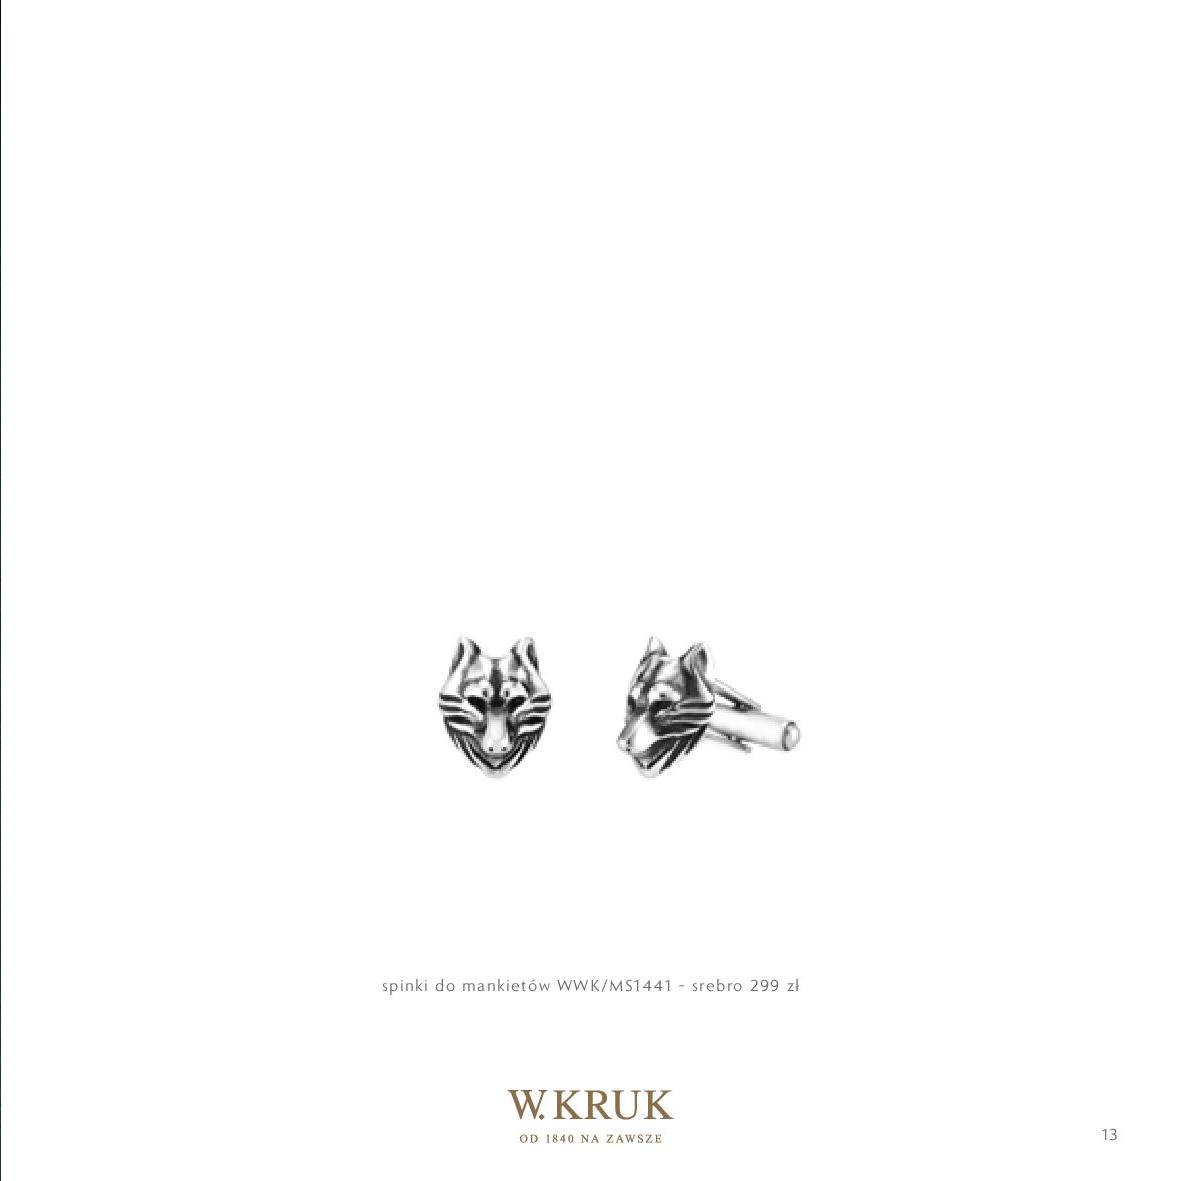 Gazetka W. KRUK: Katalog - Freedom Wolf 2021-02-17 page-15